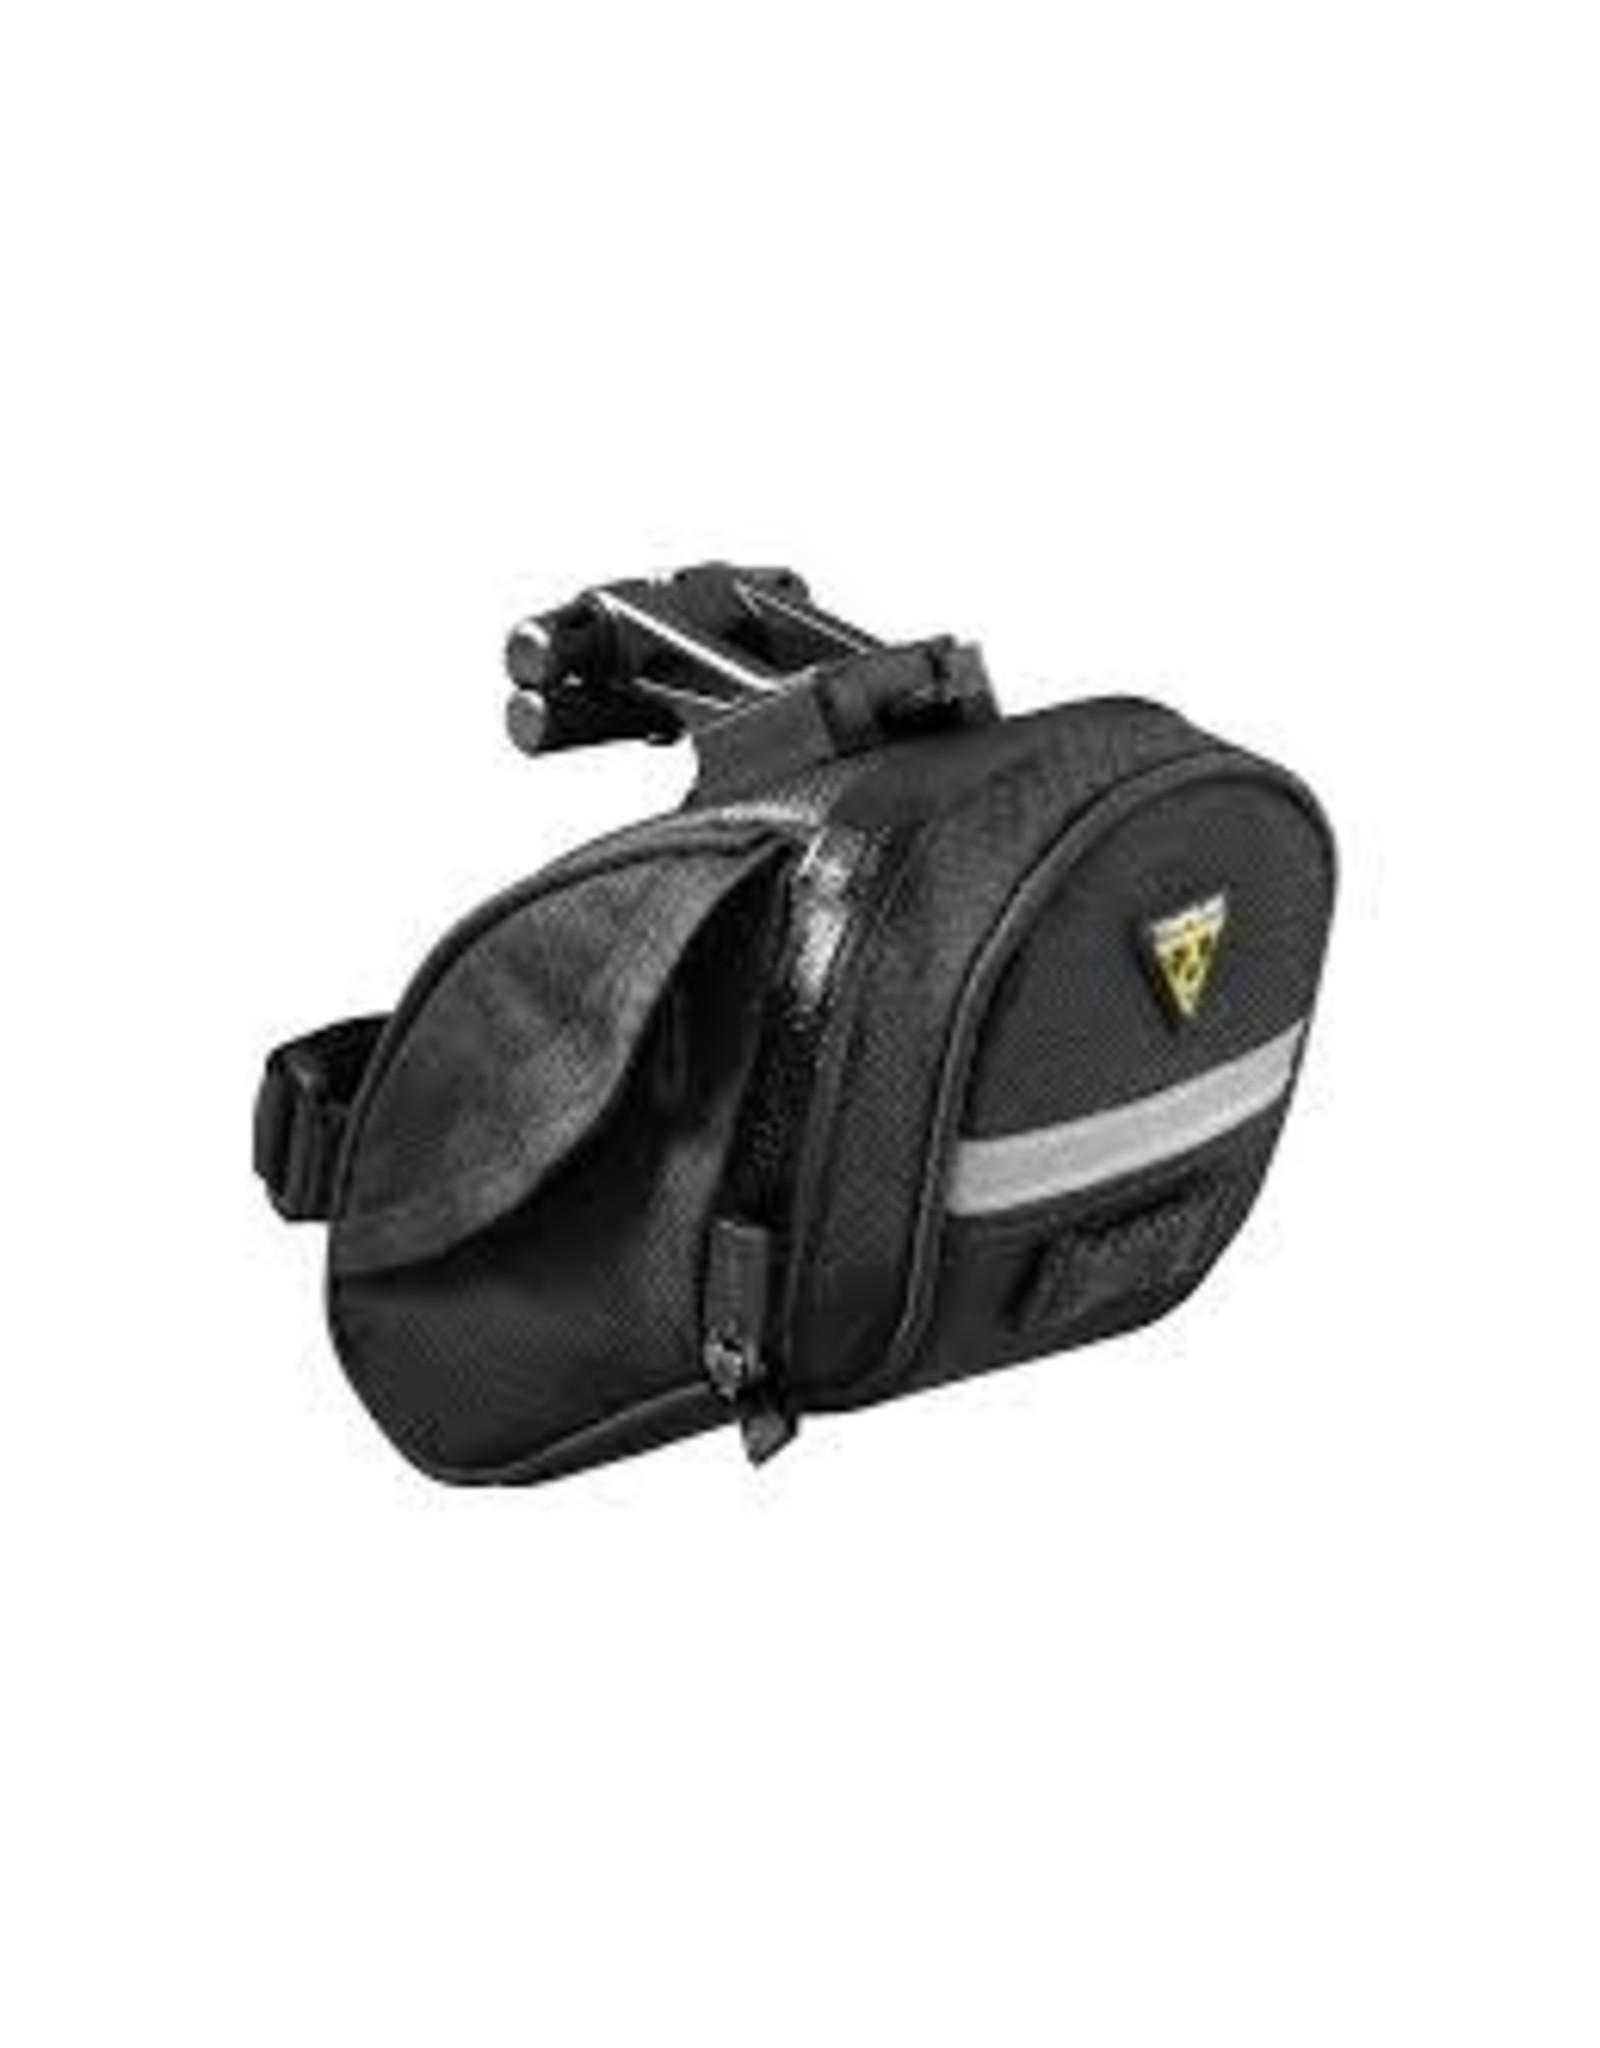 Topeak Bag Topeak Aero Wedge DX Seat Bag - QuickClick, Medium, Black